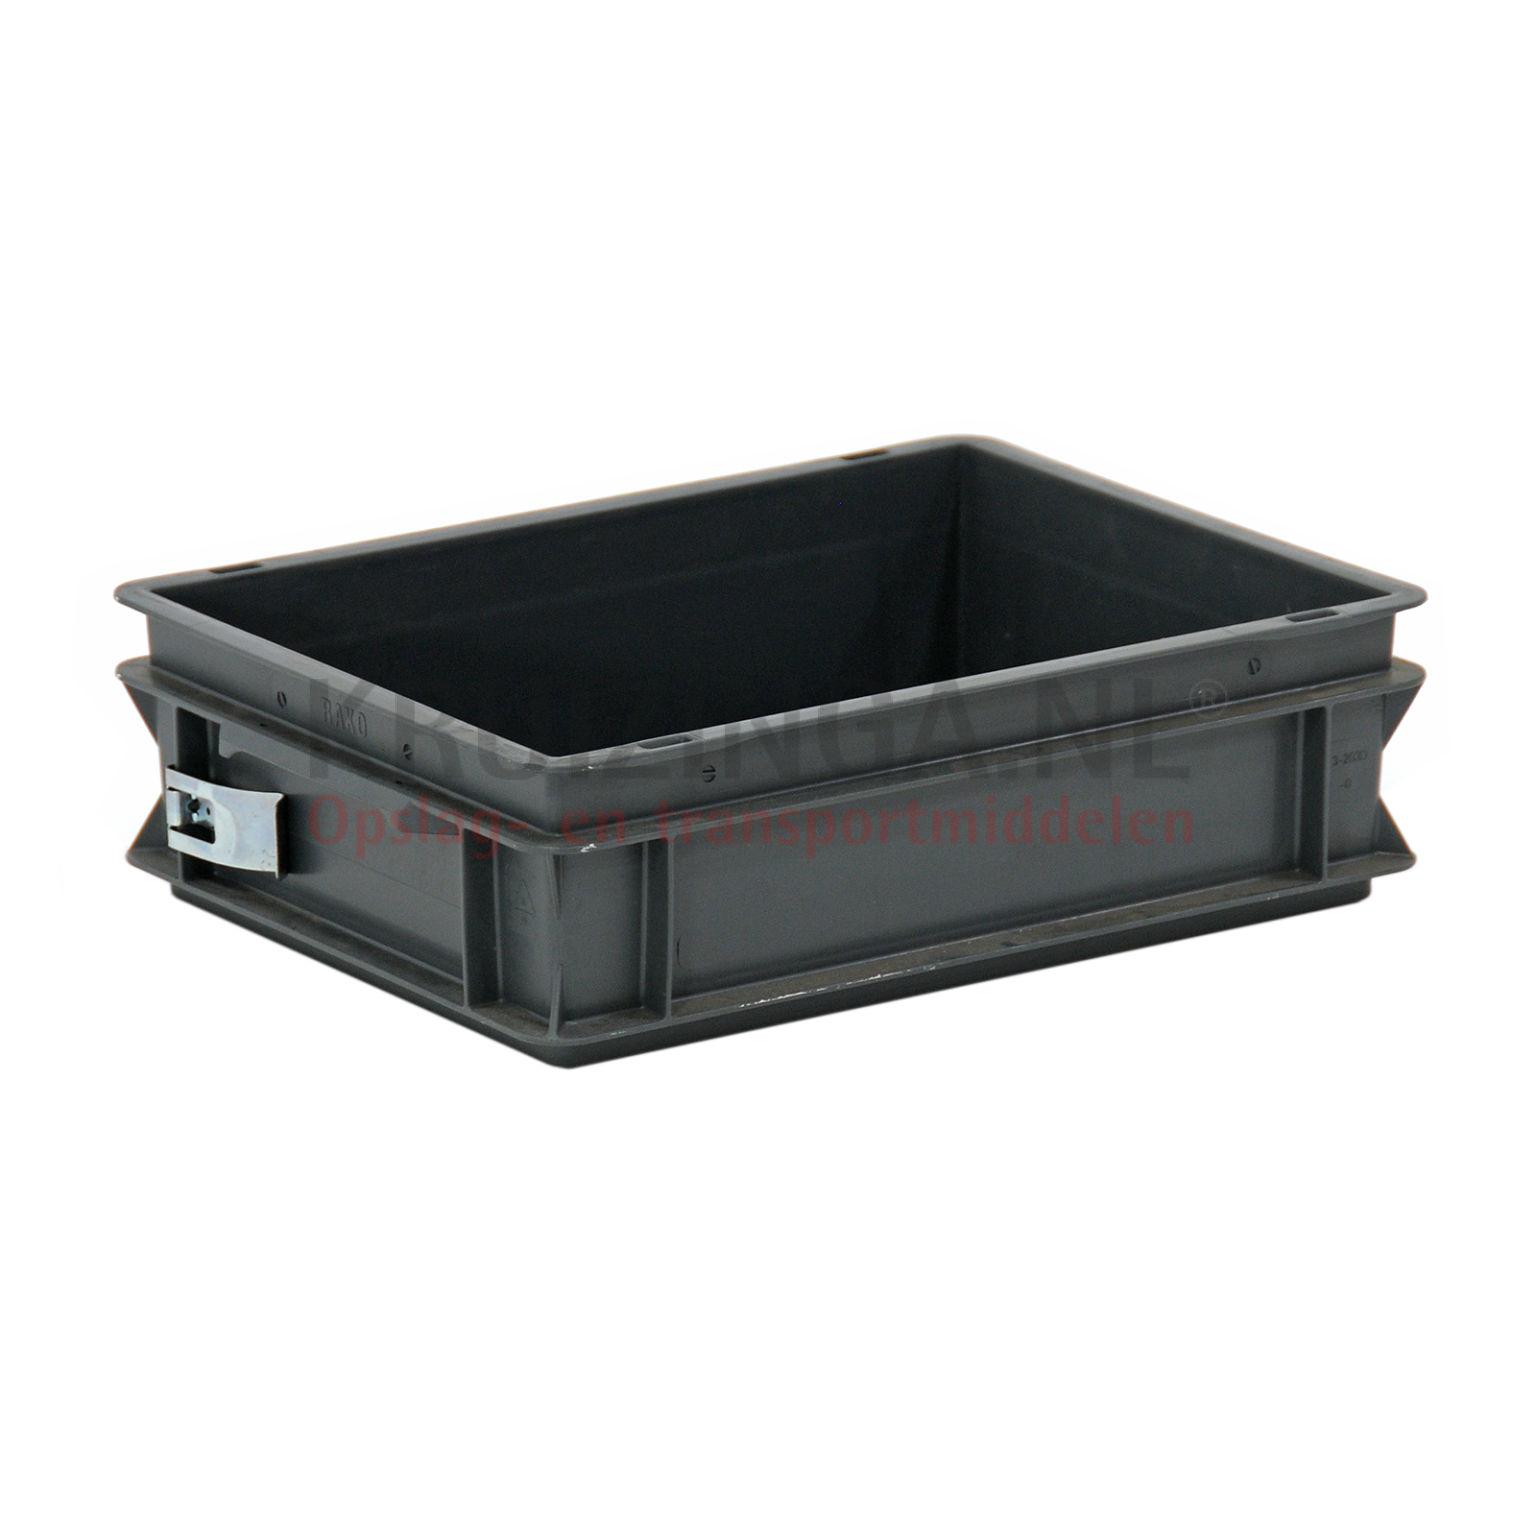 stapelboxen kunststoff stapelbar mit offenen handgriffen gebraucht. Black Bedroom Furniture Sets. Home Design Ideas